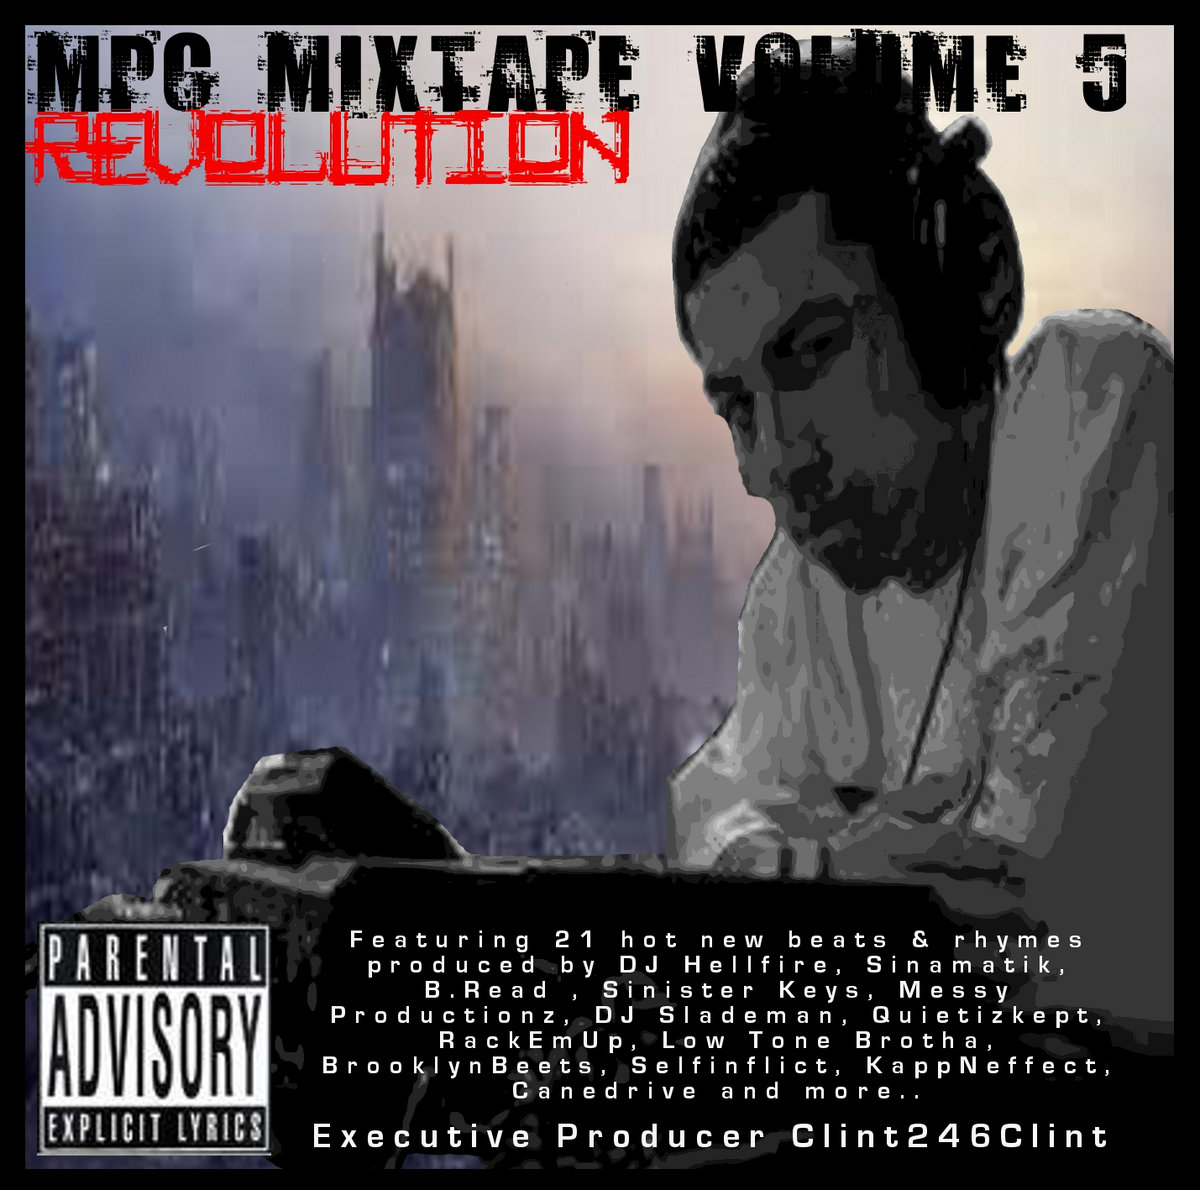 mpc-forums com mixtape series